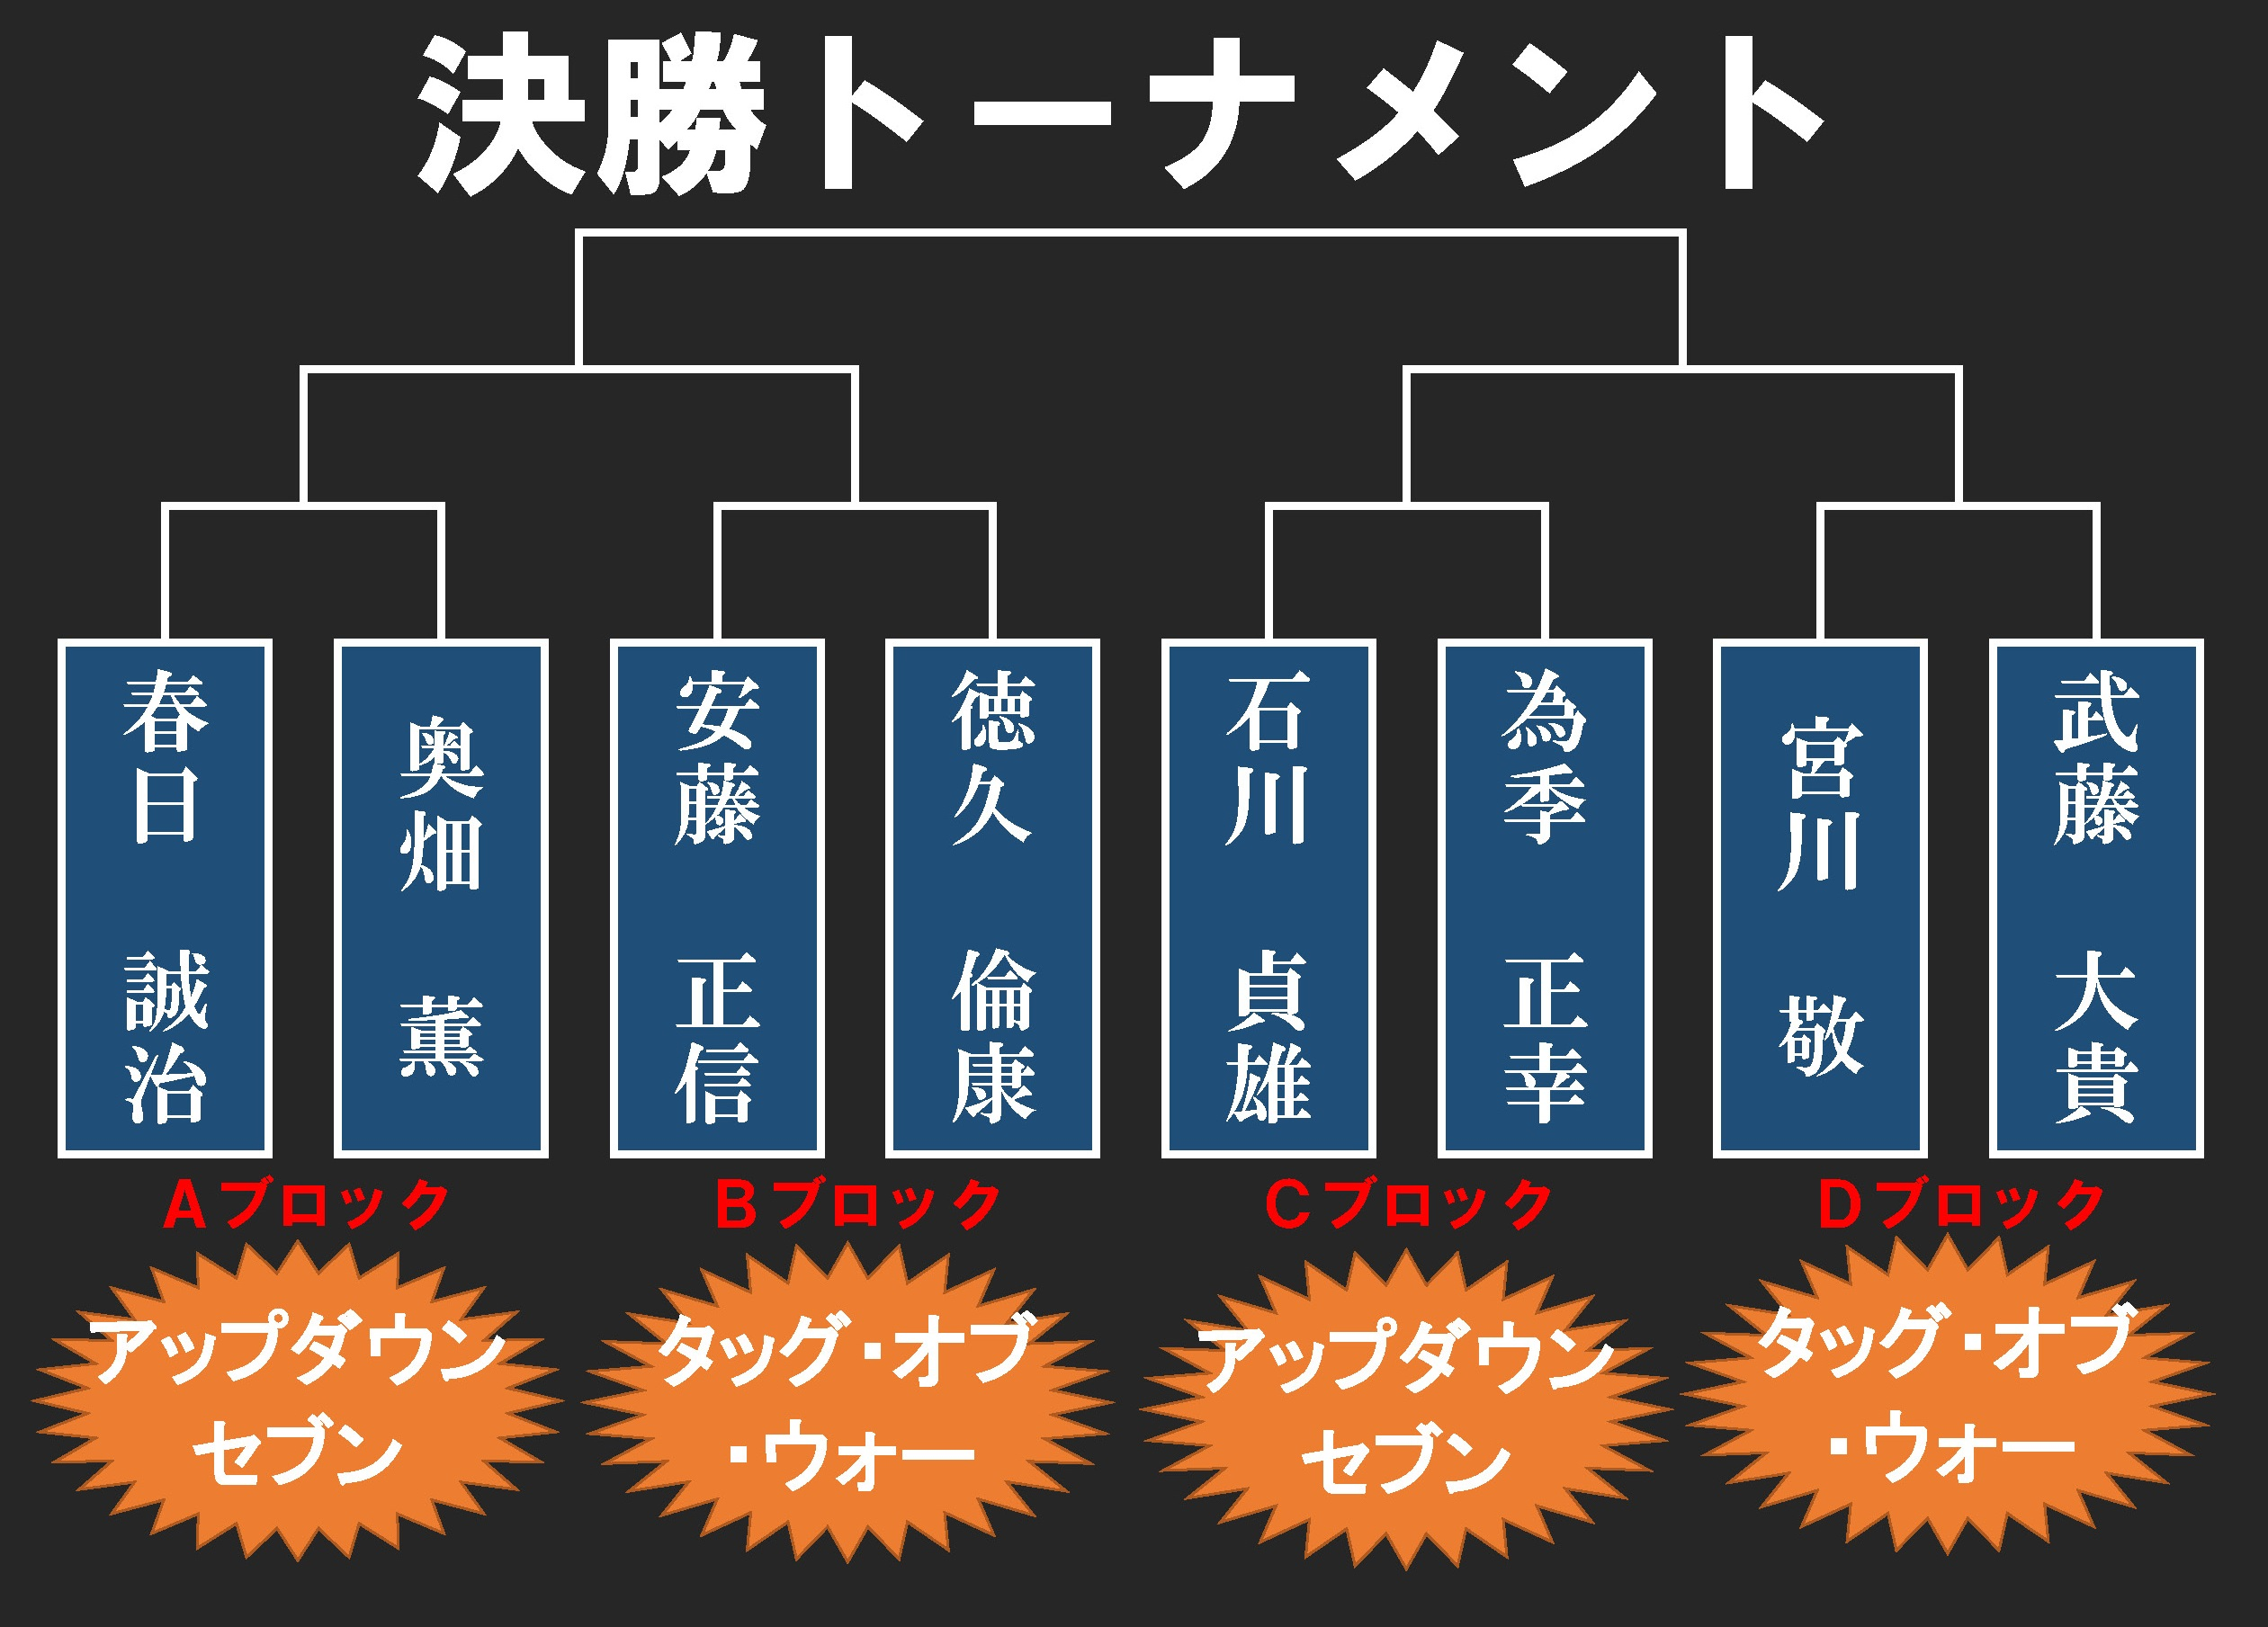 パワポ(決勝トーナメント表)